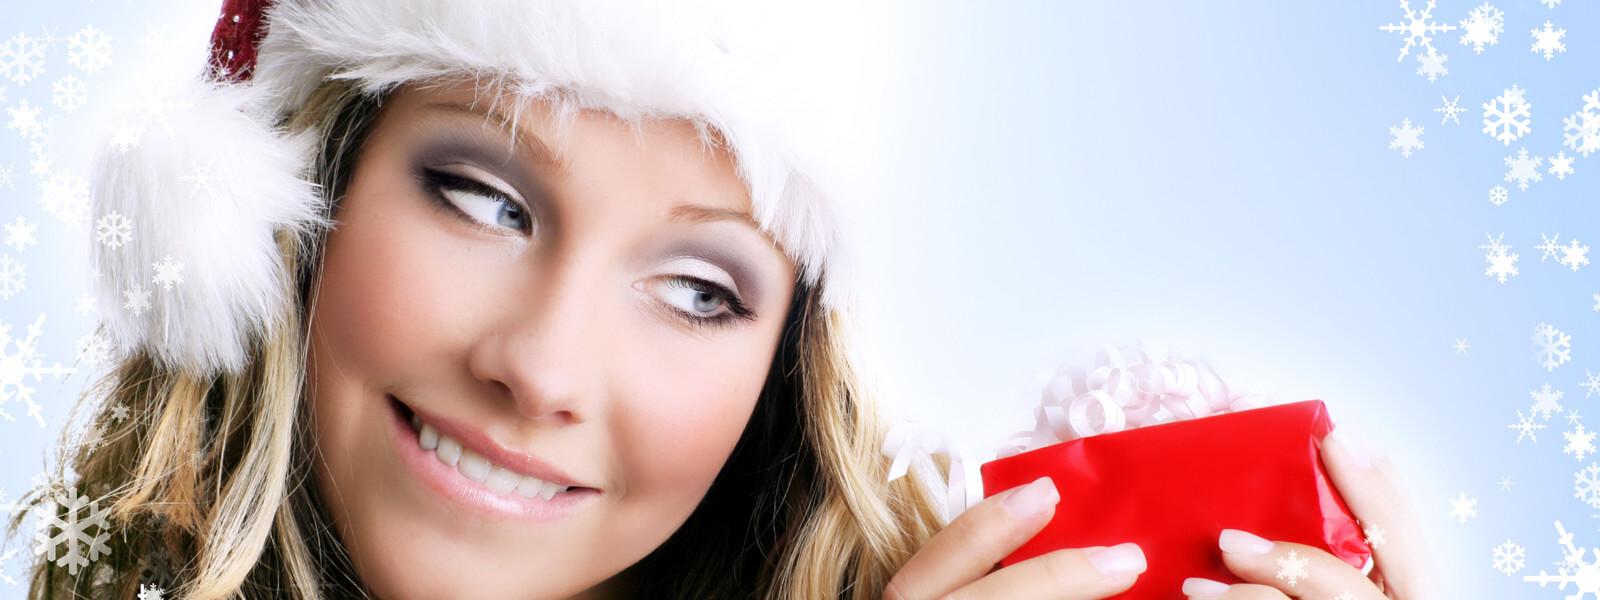 Weihnachten, Ostfriesland, Regina Maris, Norden, Norddeich